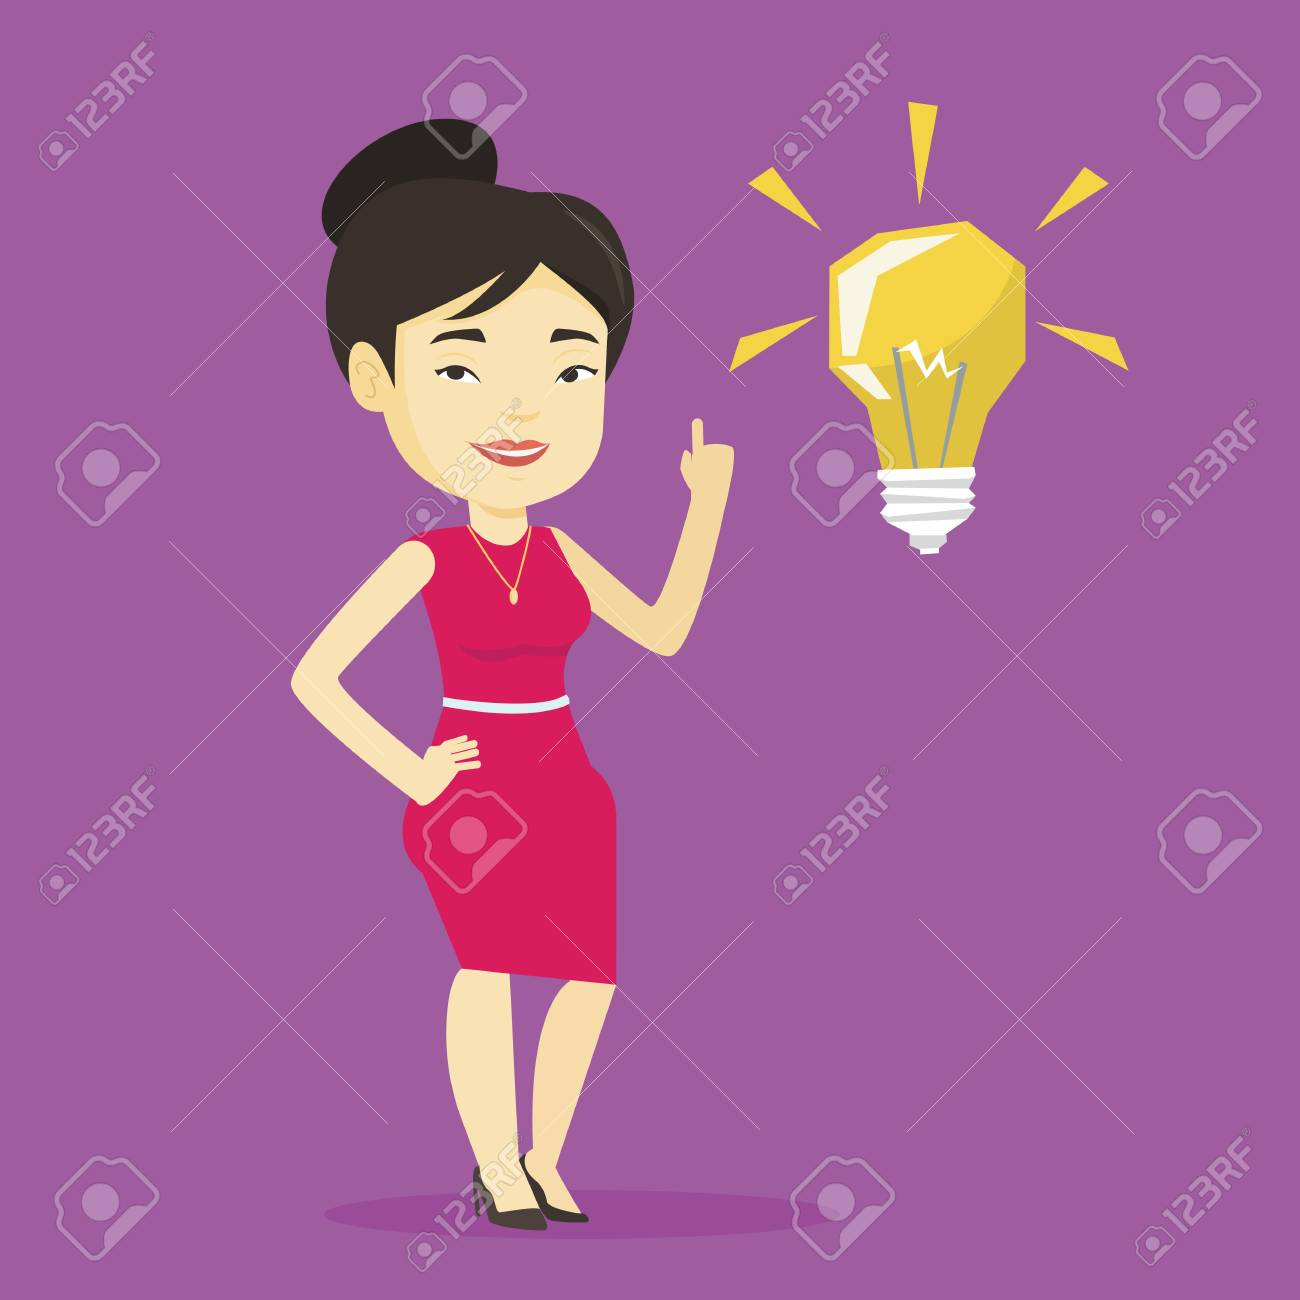 Idee Plat Etudiant.Tudiante Asiatique Pointant Son Doigt Vers Le Haut Sur L Ampoule Idee Jeune Etudiant Excite Avec Ampoule Idee Lumineuse Smart Etudiant Souriant